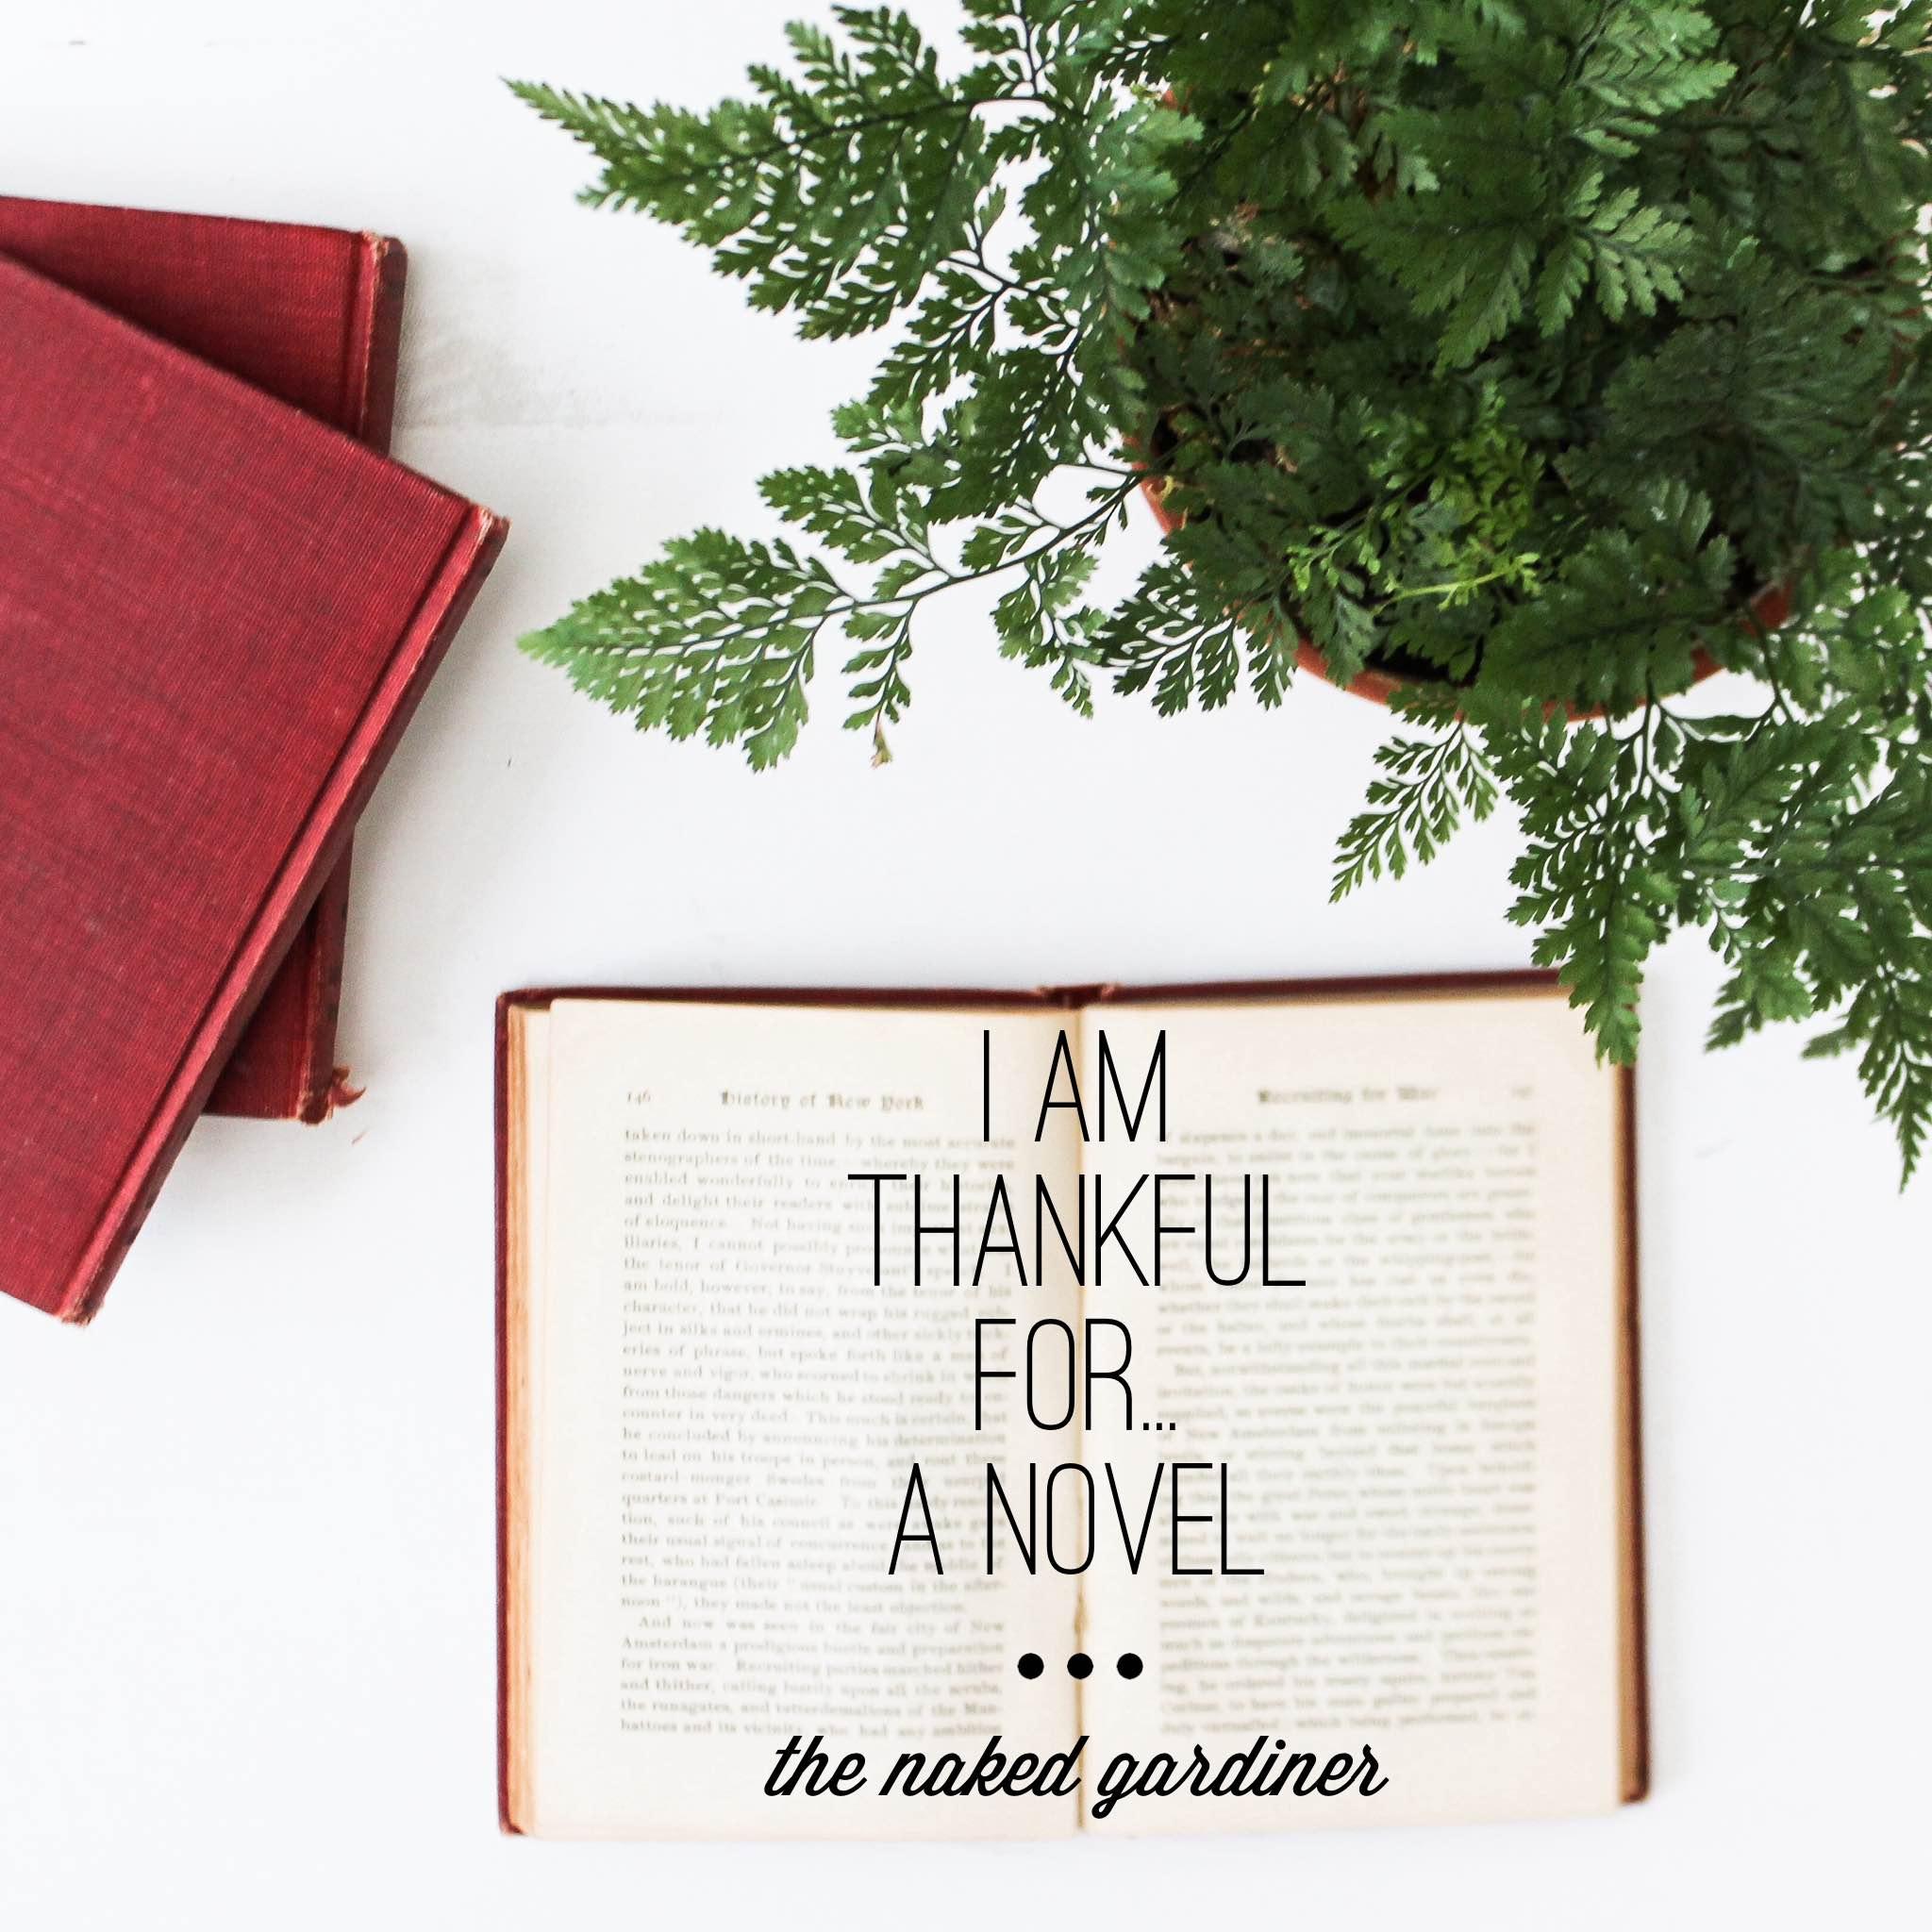 thankful-thursdays-a-novel-thenakedgardiner